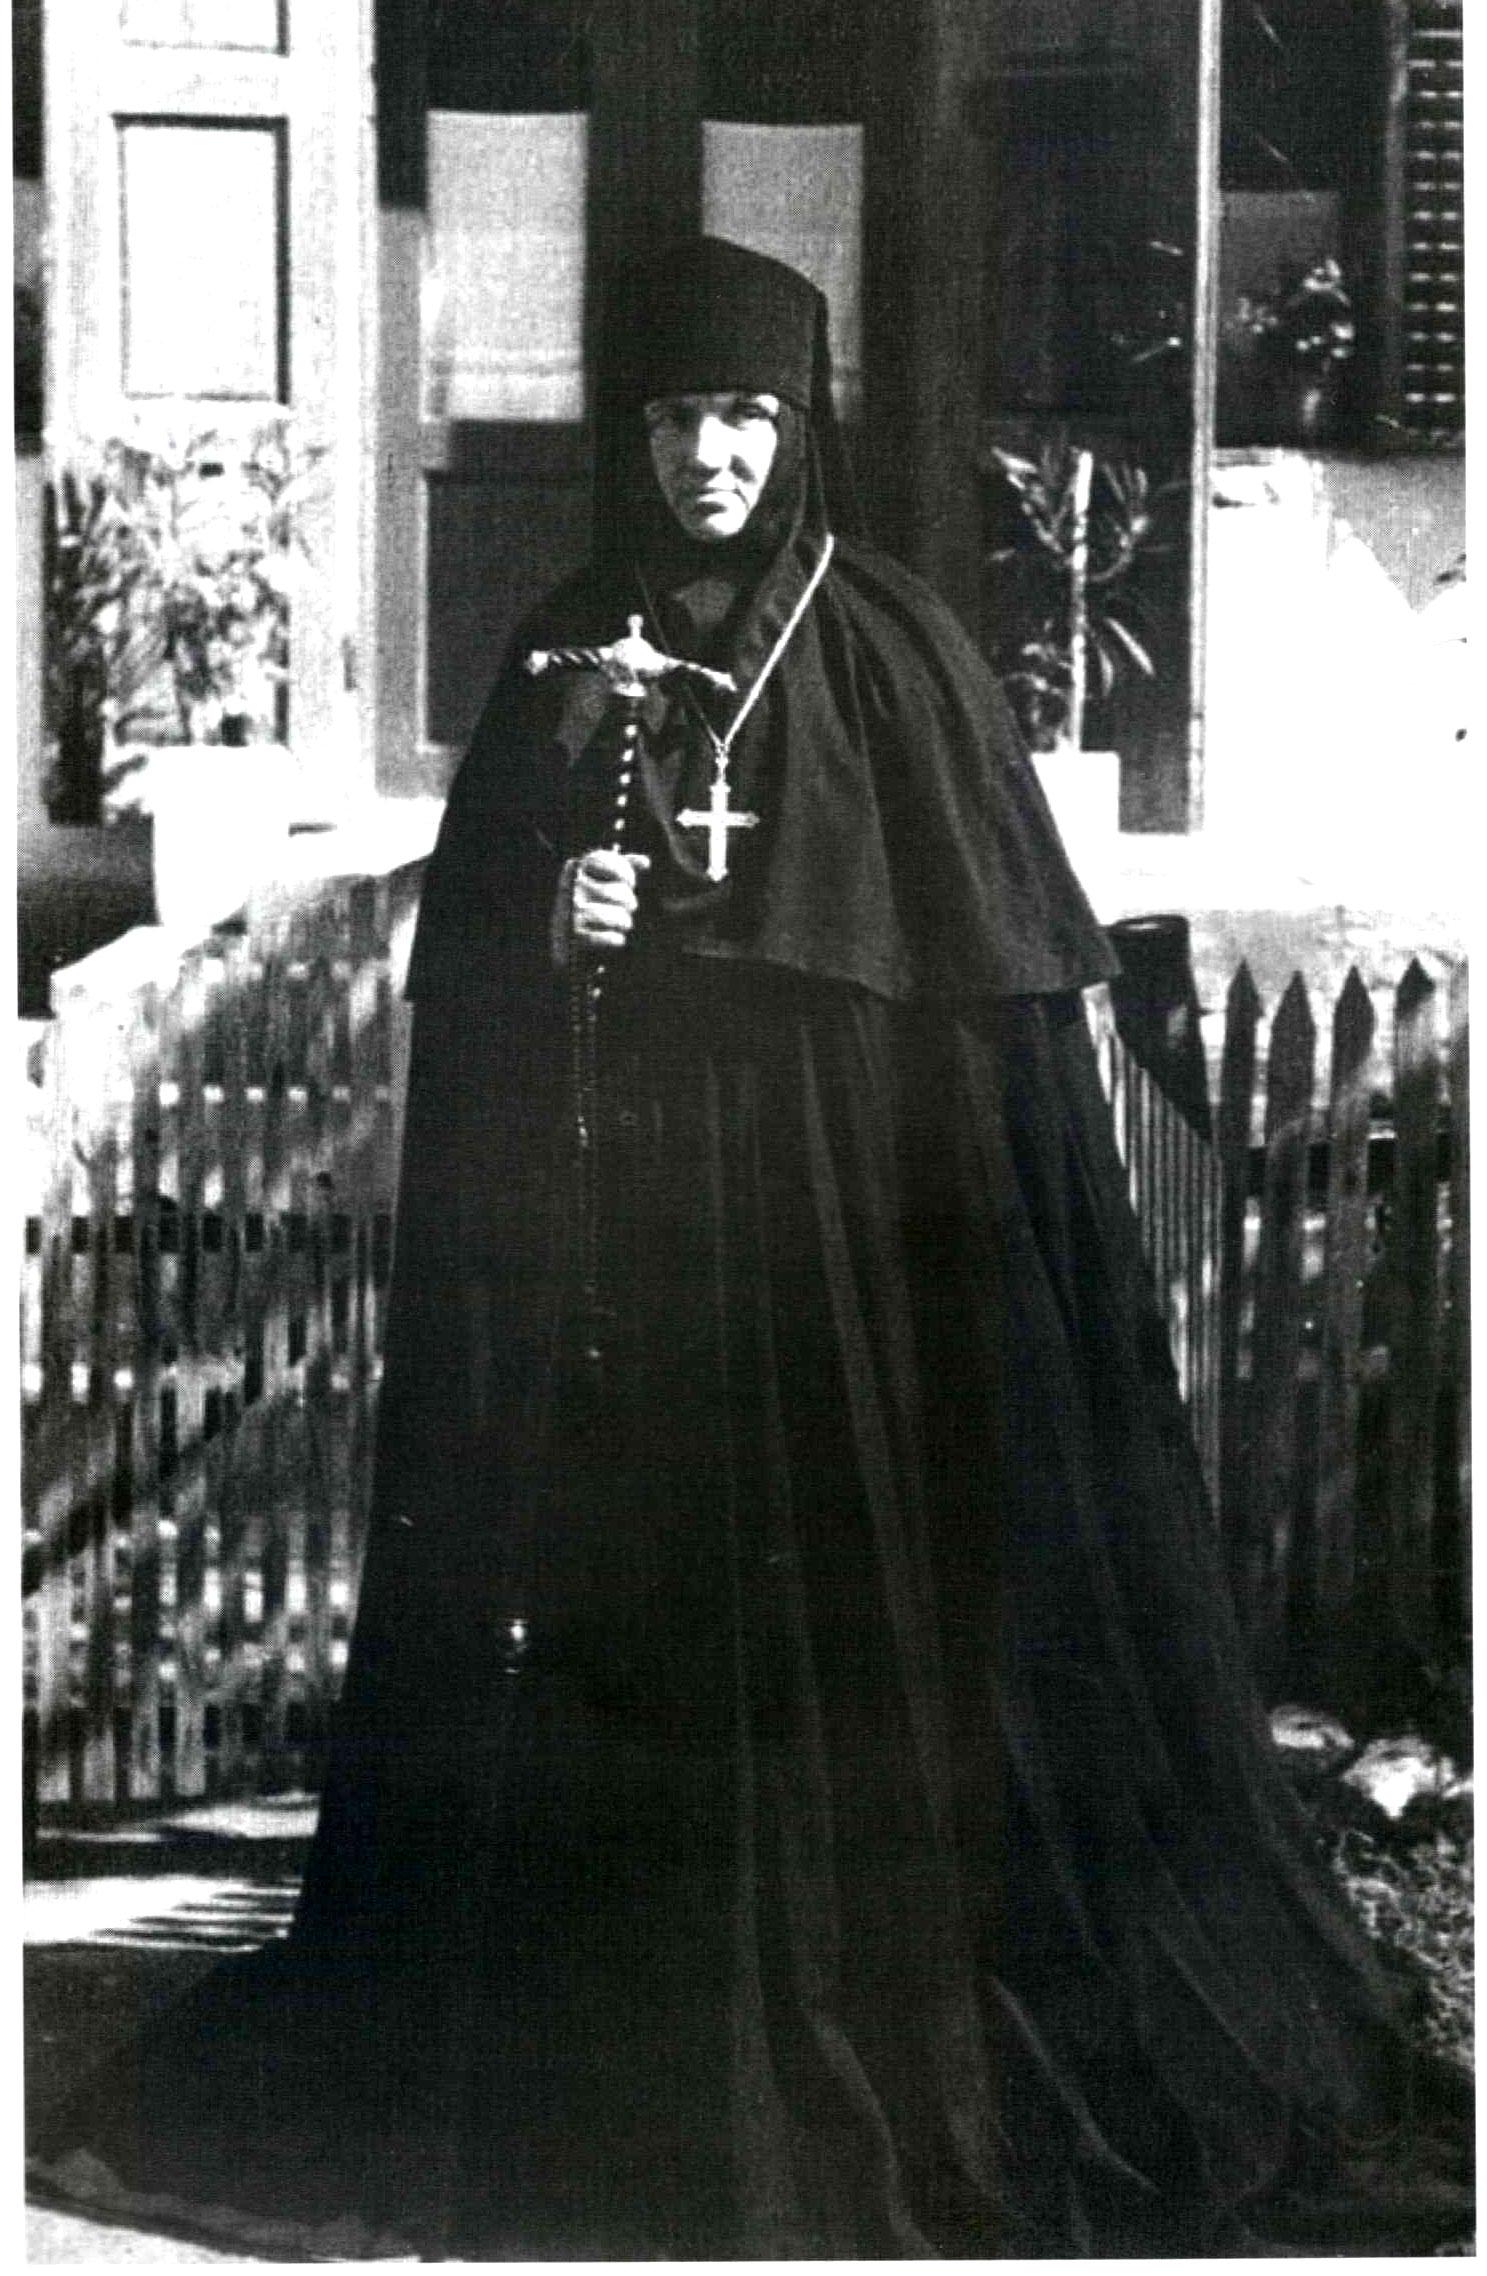 Shi-igumanija-Jefimija-ispred-Hdzikinog-konaka-u-Manastiru-Sv-Petka